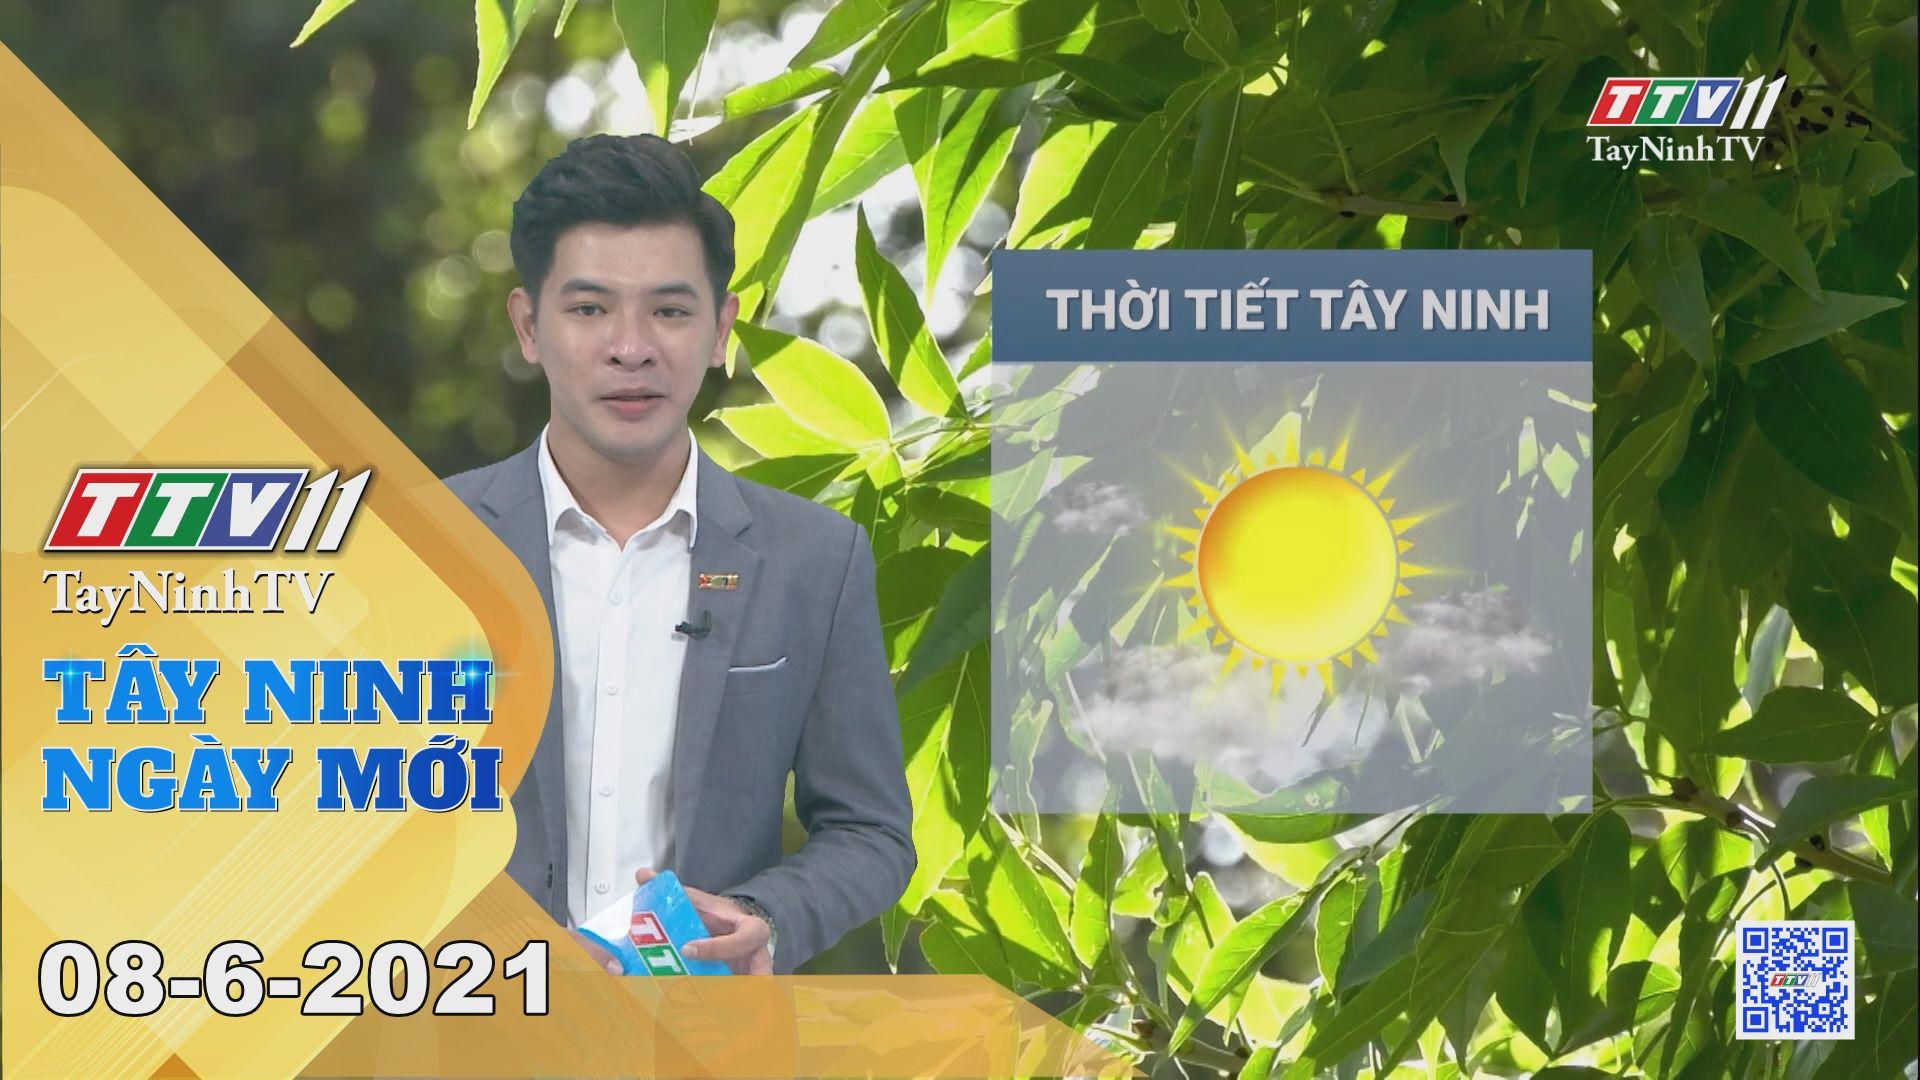 Tây Ninh Ngày Mới 08-6-2021 | Tin tức hôm nay | TayNinhTV